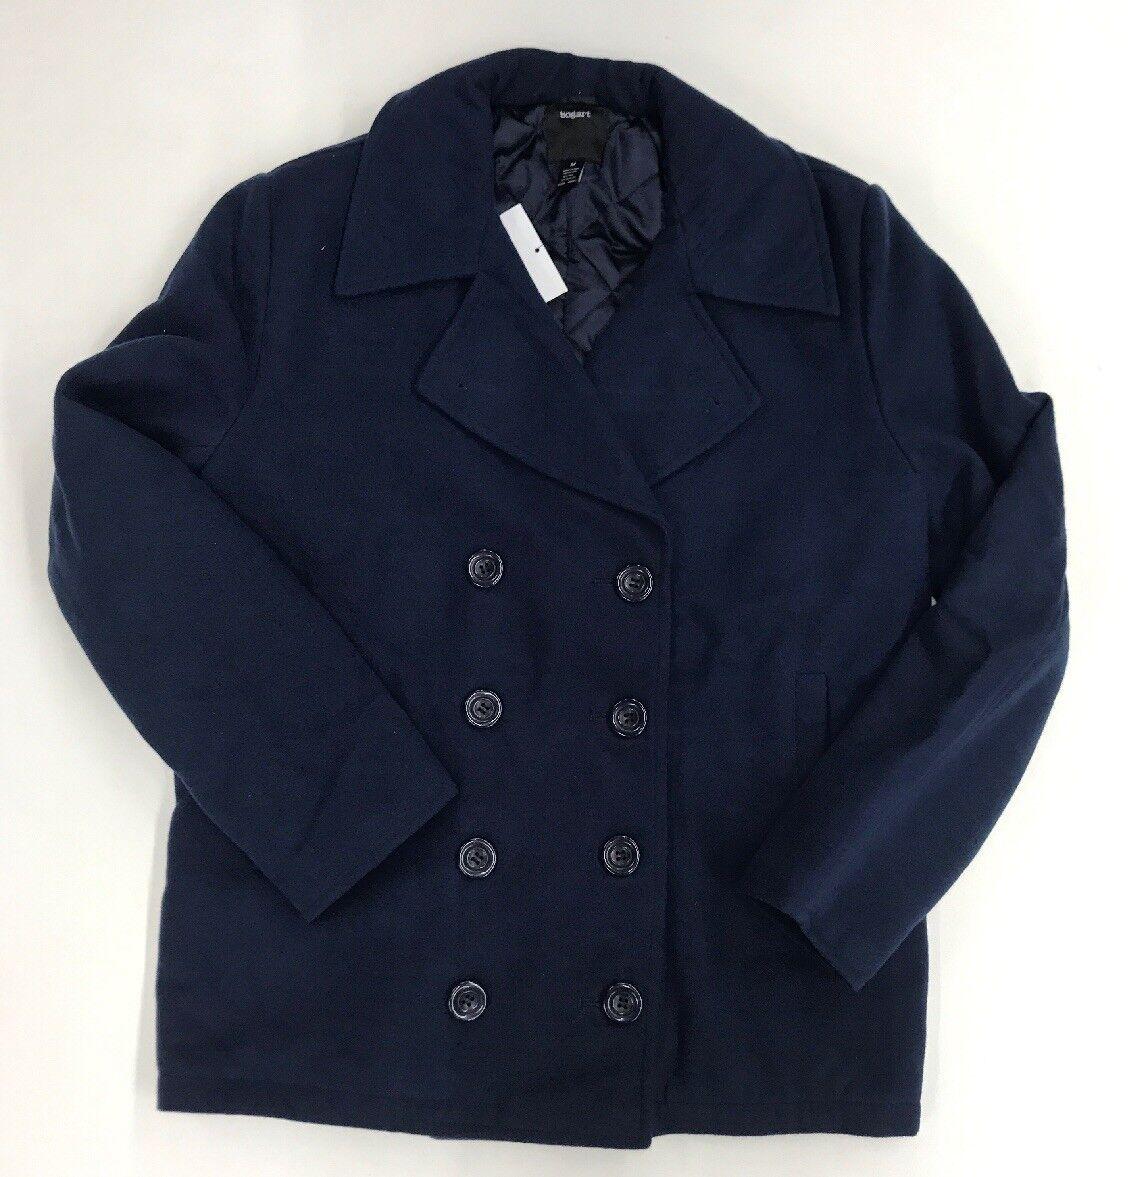 Bogart Marineblau Fleece Stutzer Herren Probe Größe M Nett Neu Selten One Of One